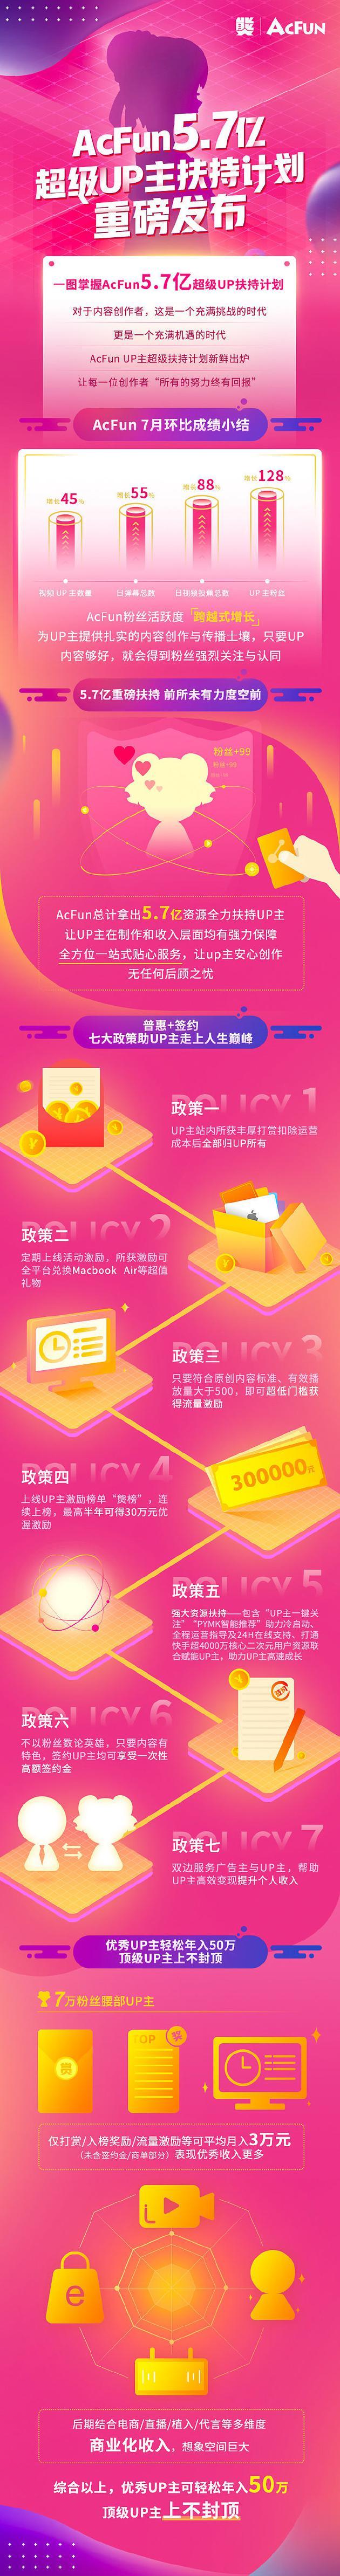 AcFun 5.7亿UP主扶持计划发布:涉及七大政策